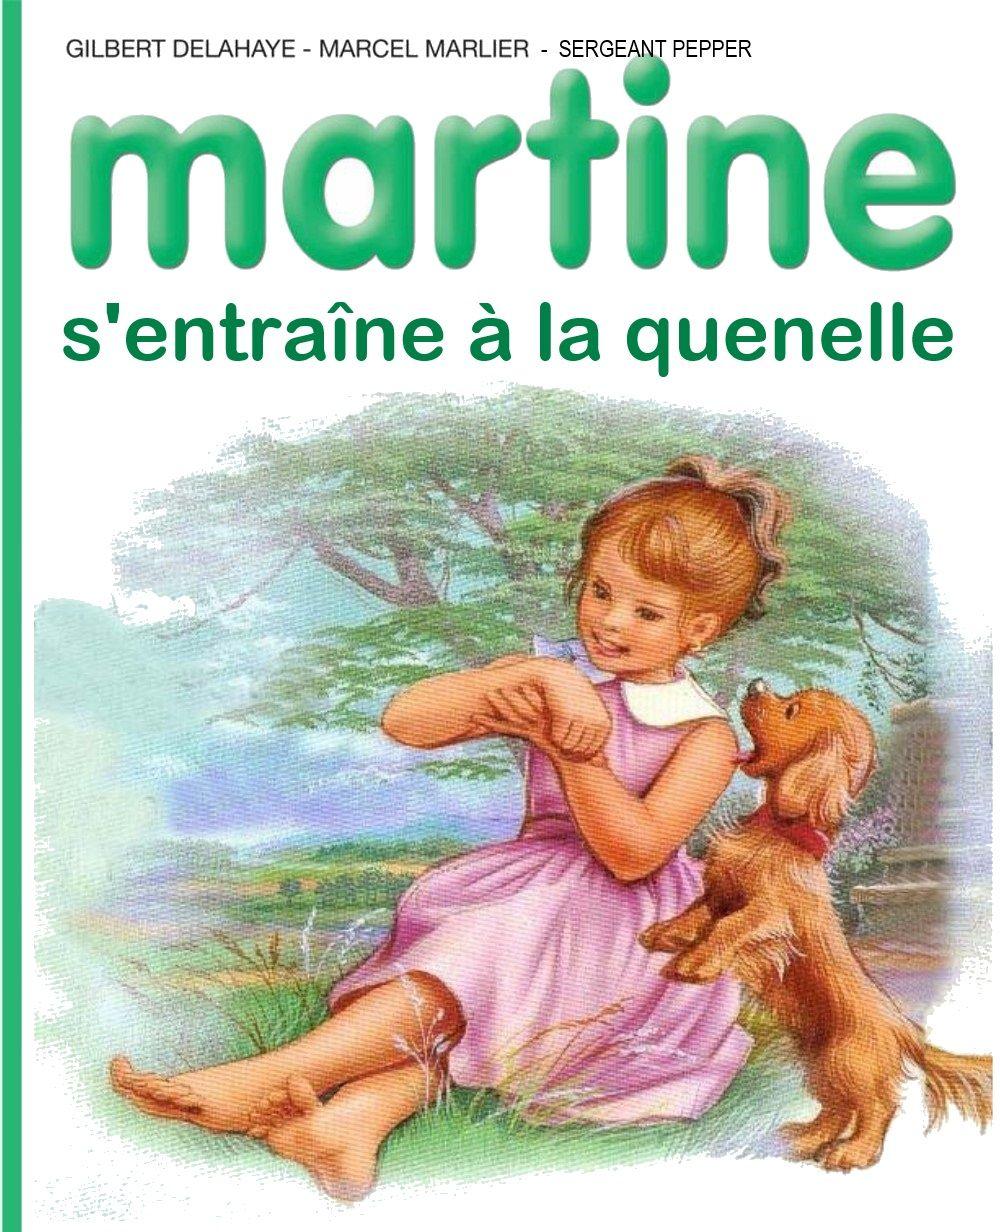 Martine s'entraîne à la quenelle | Blague humour noir, Martine humour, Humour